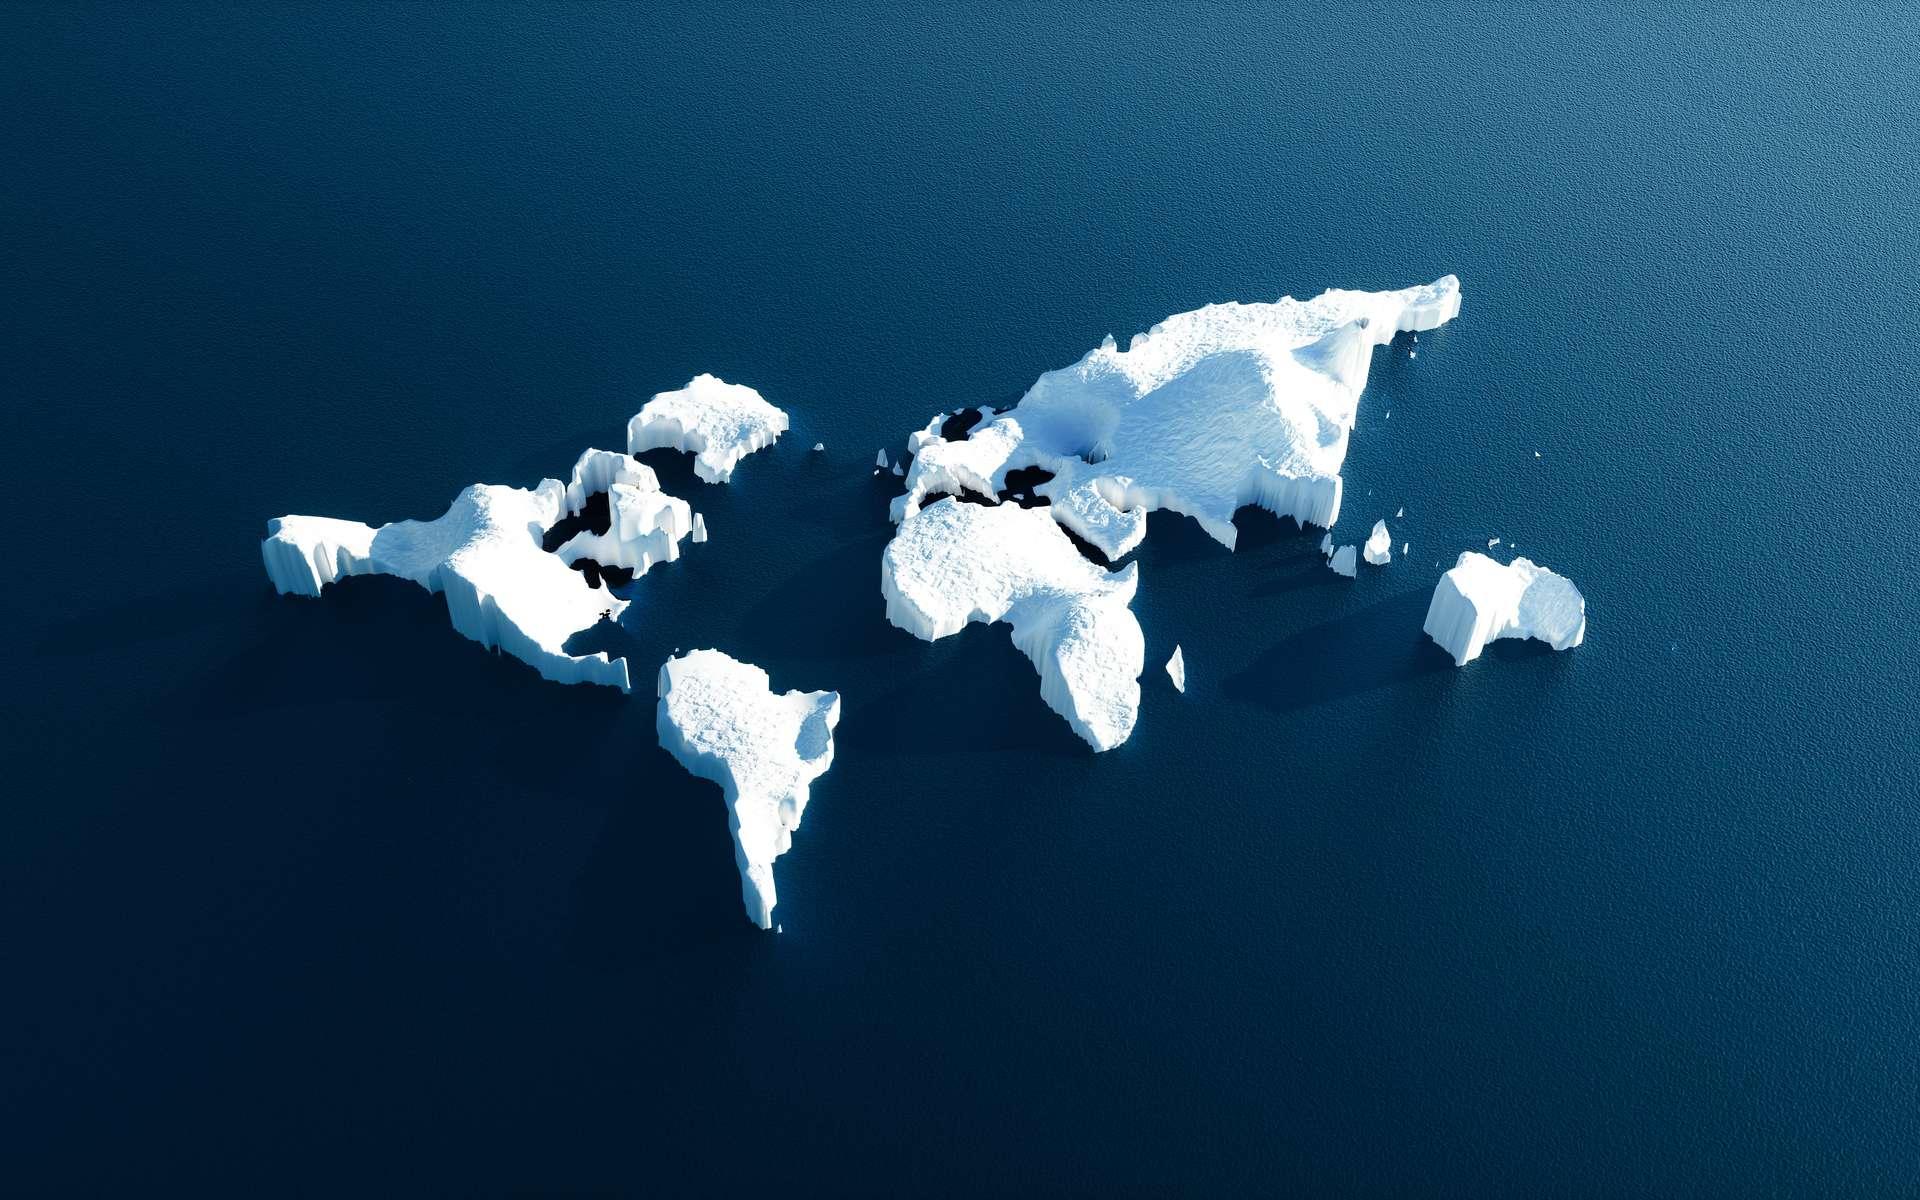 Lors de ses périodes glaciaires, la Terre voit la majeure partie des continents englacés. © malp, Adobe Stock